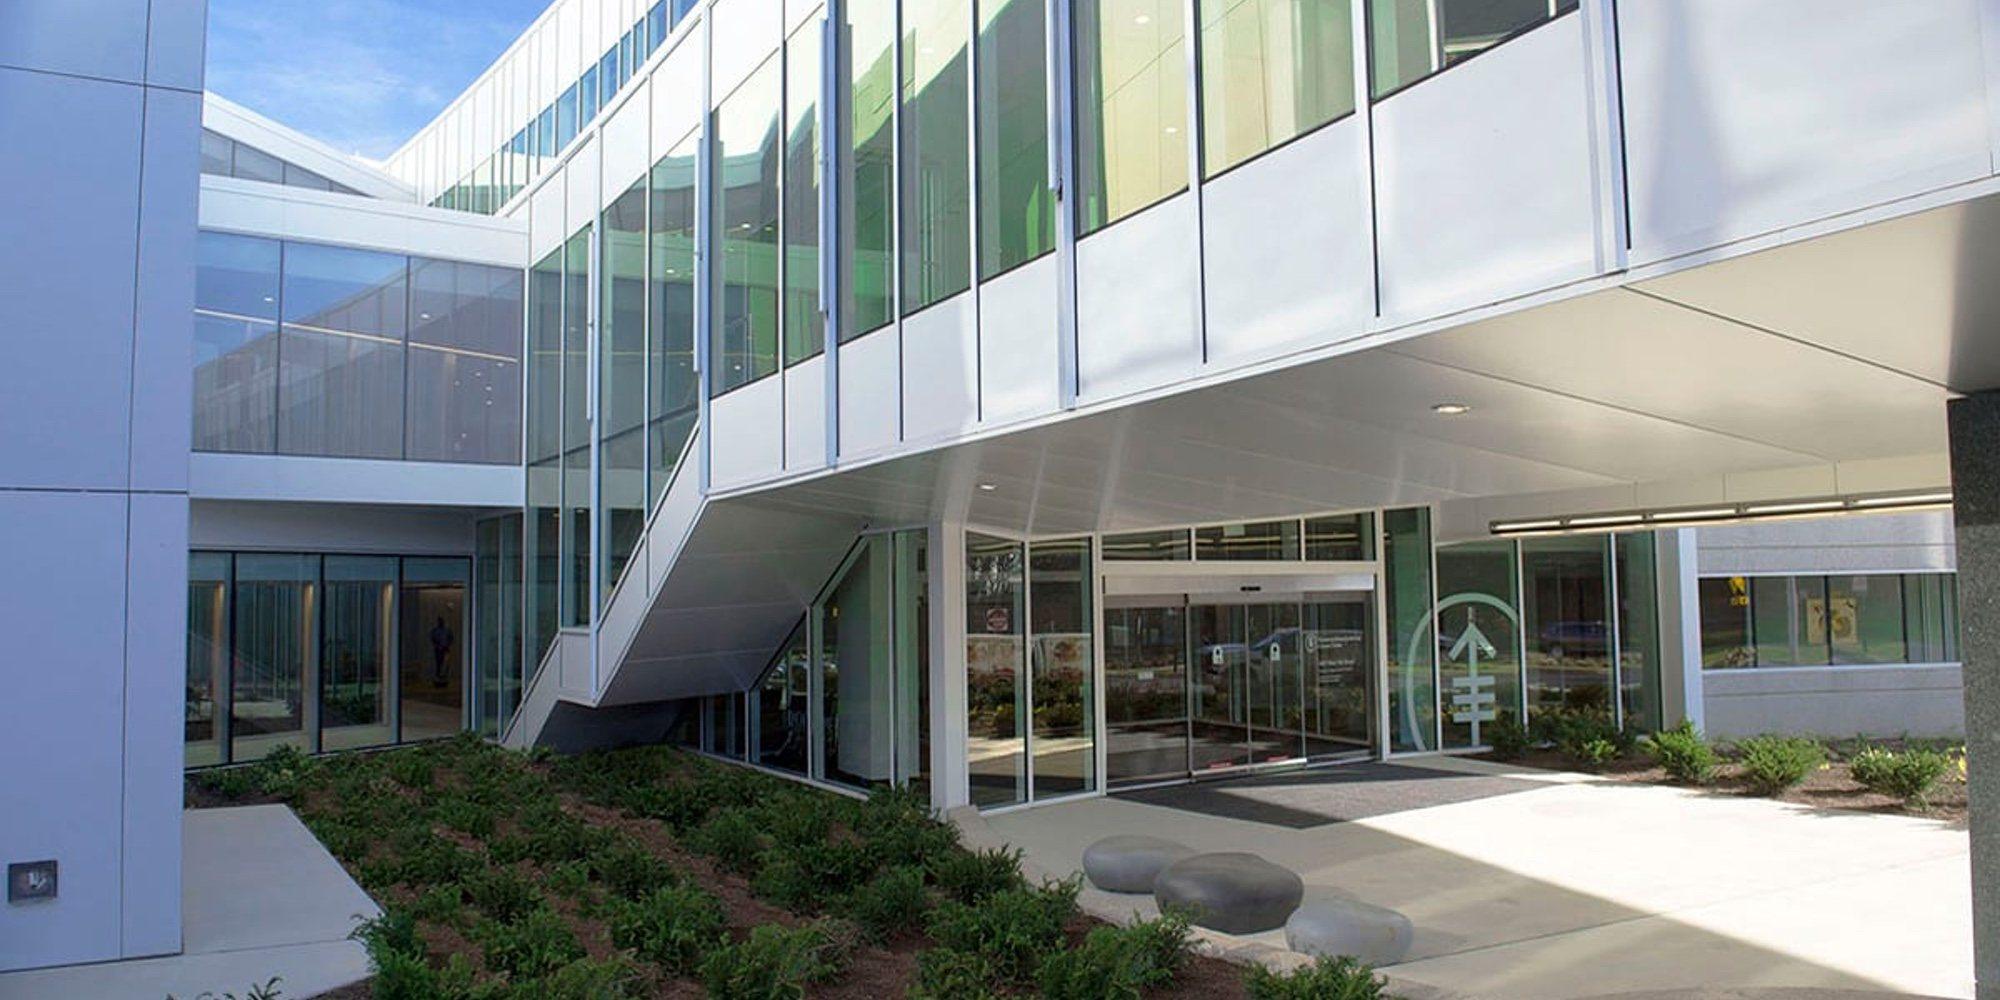 Moderno y con zonas verdes: así es el hospital de Nueva Jersey en el que Álex Lequio continuará su tratamiento